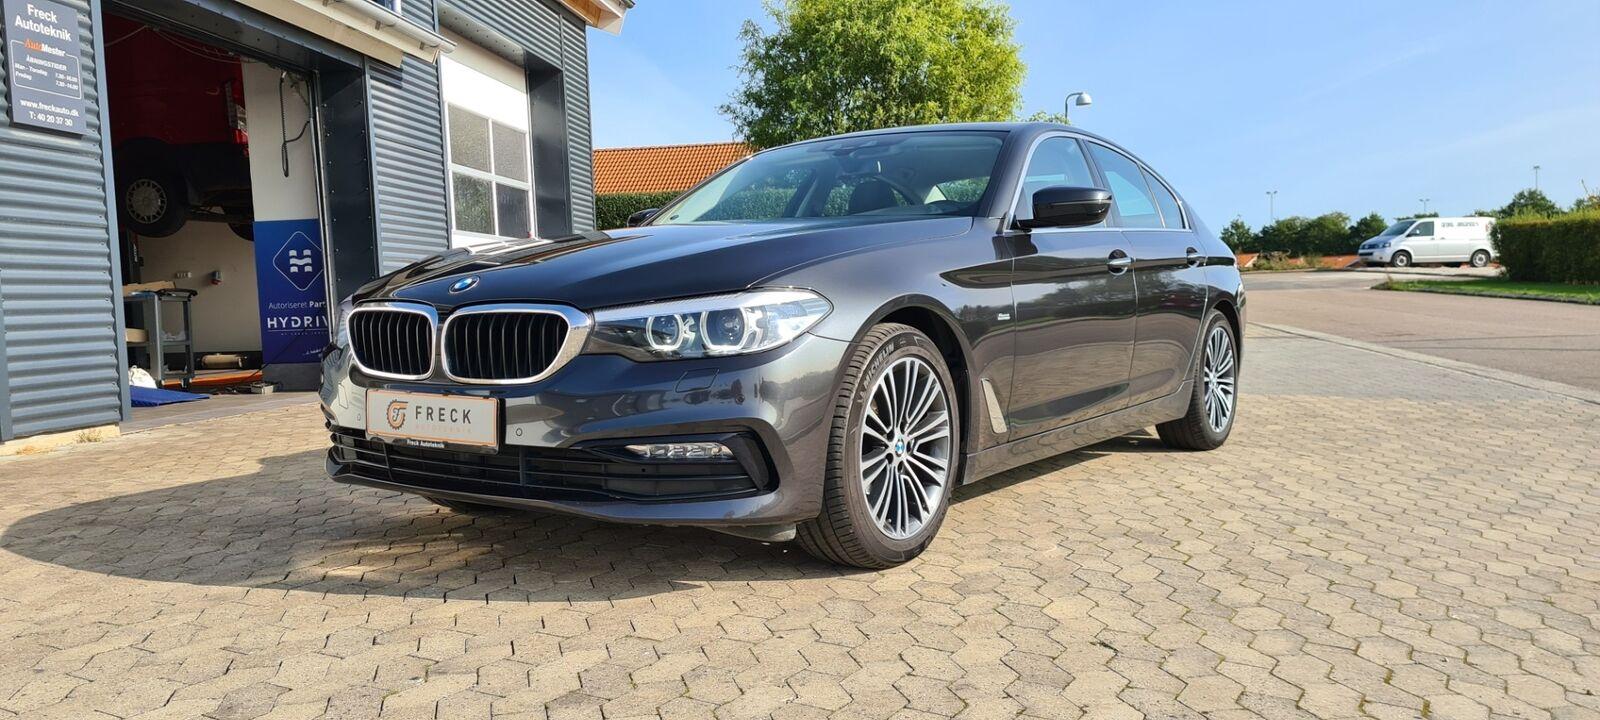 BMW 520d 2,0 Sport Line aut. 4d - 399.980 kr.